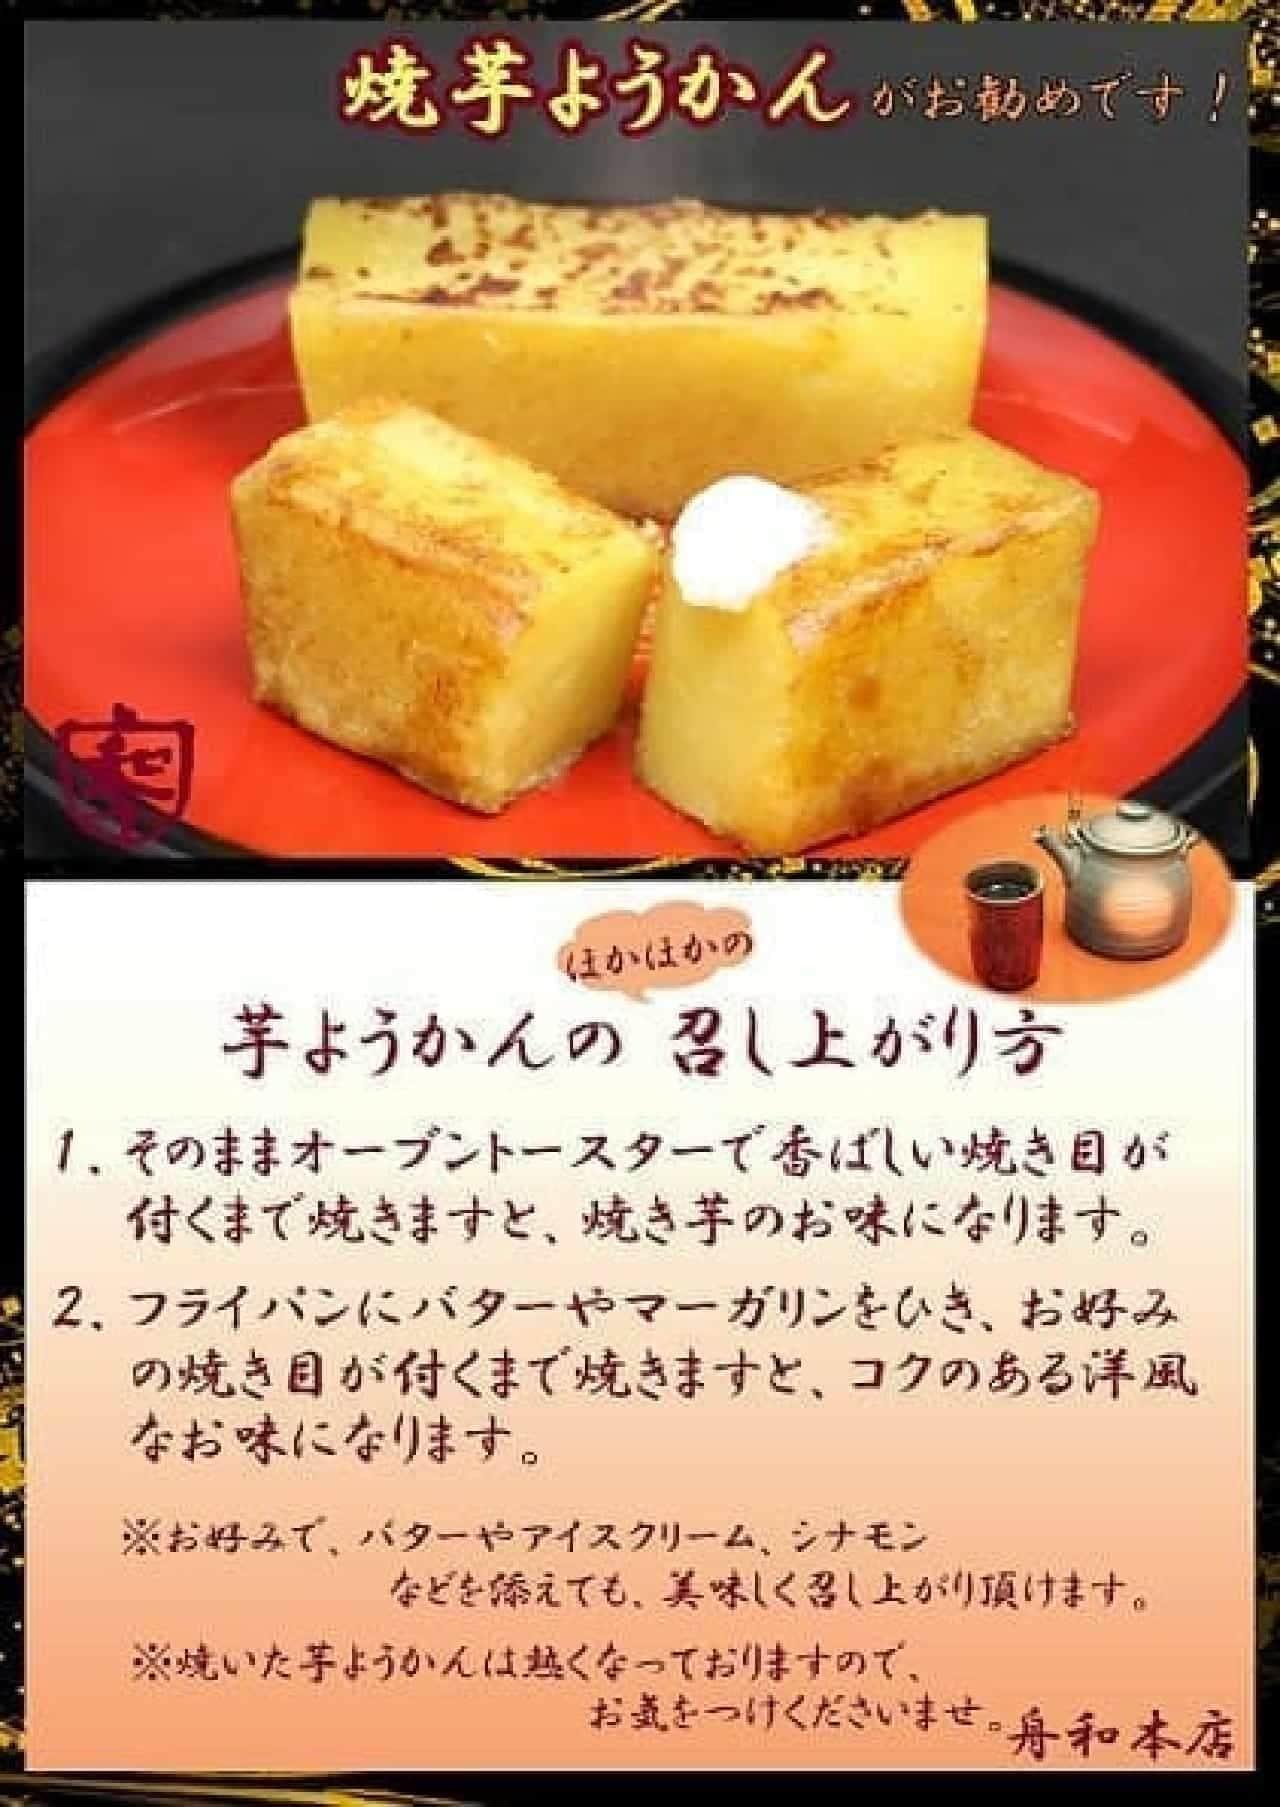 舟和 芋ようかん 焼芋ようかん